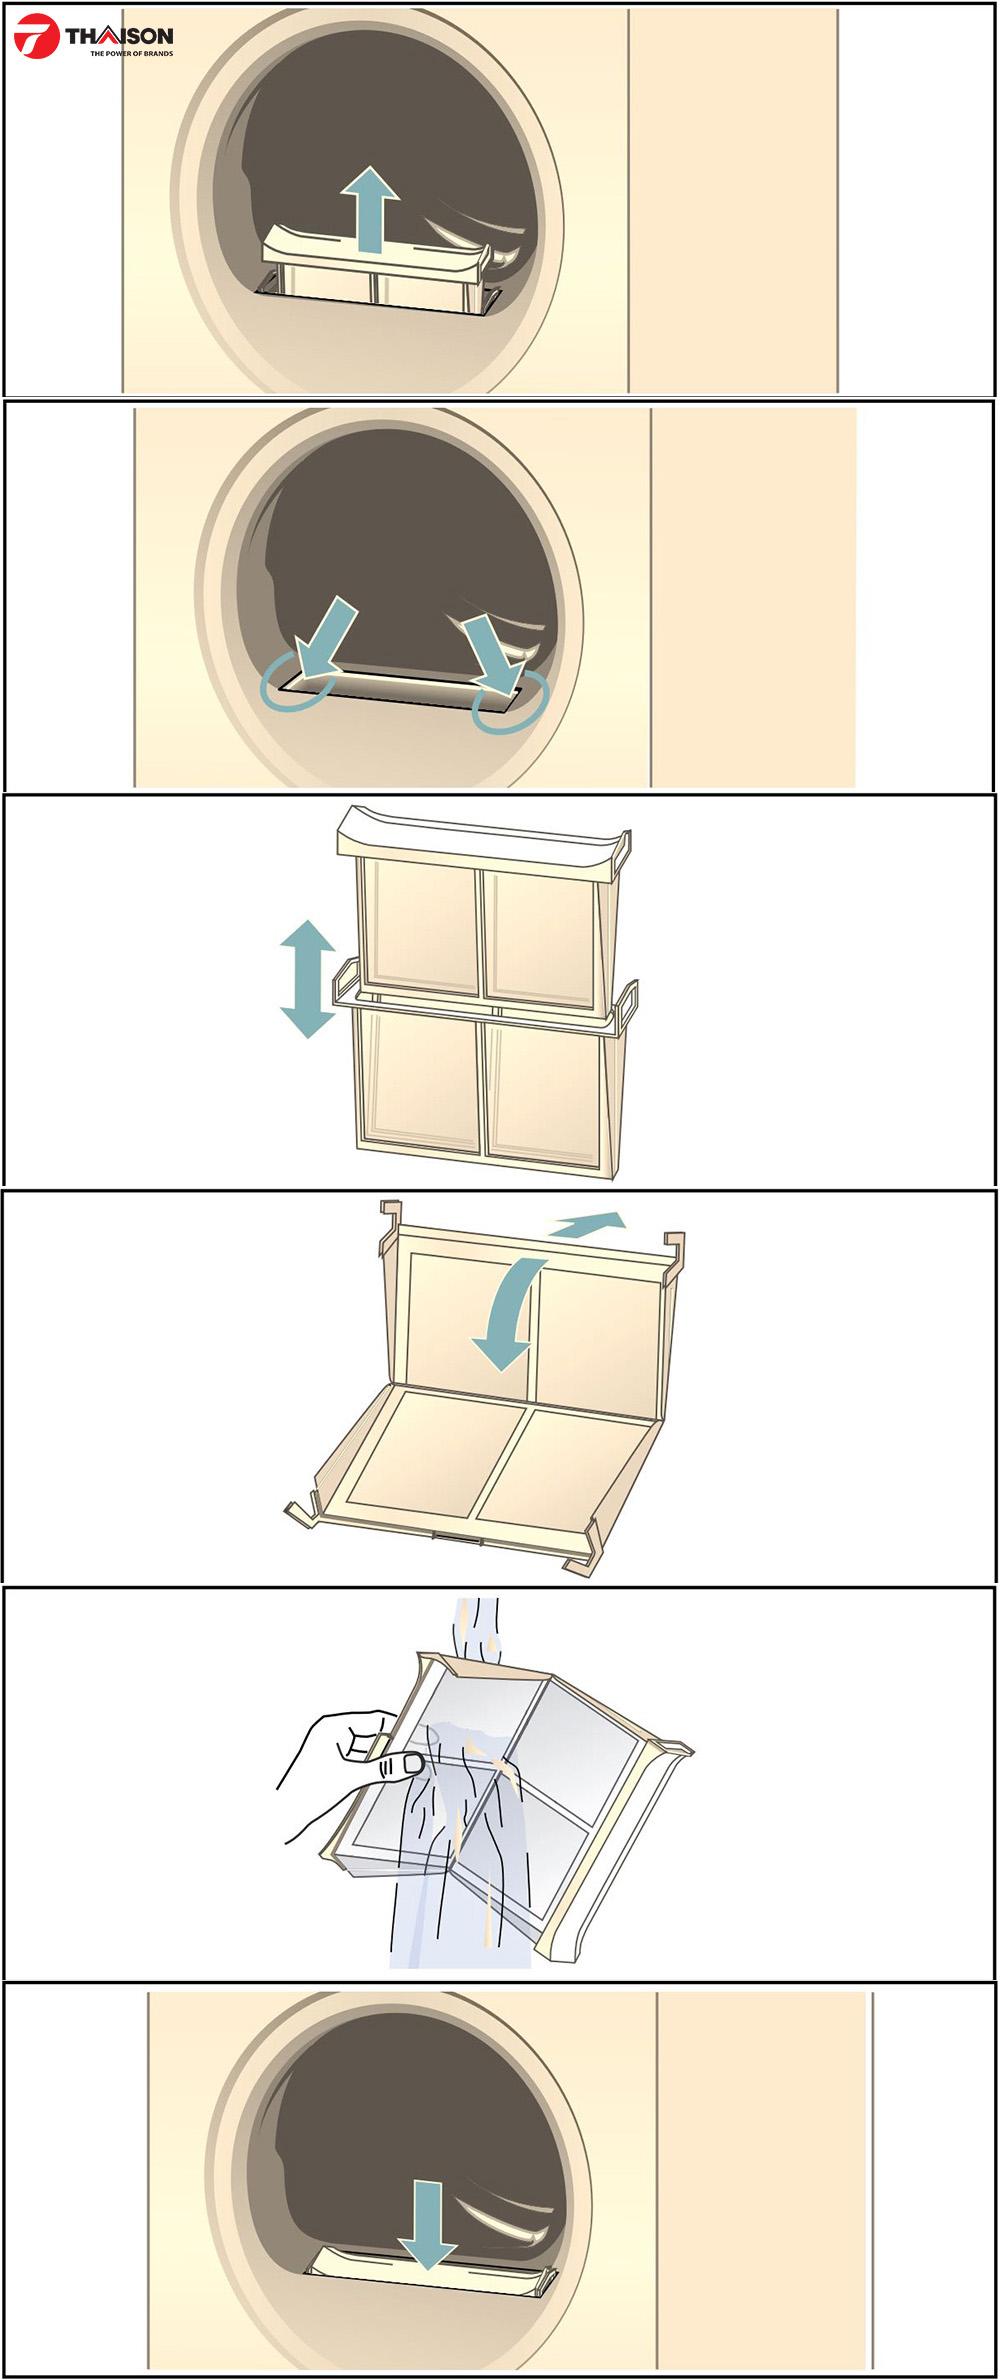 Quy trình làm sạch bộ lọc lông tơ cho máy sấy quần áo.